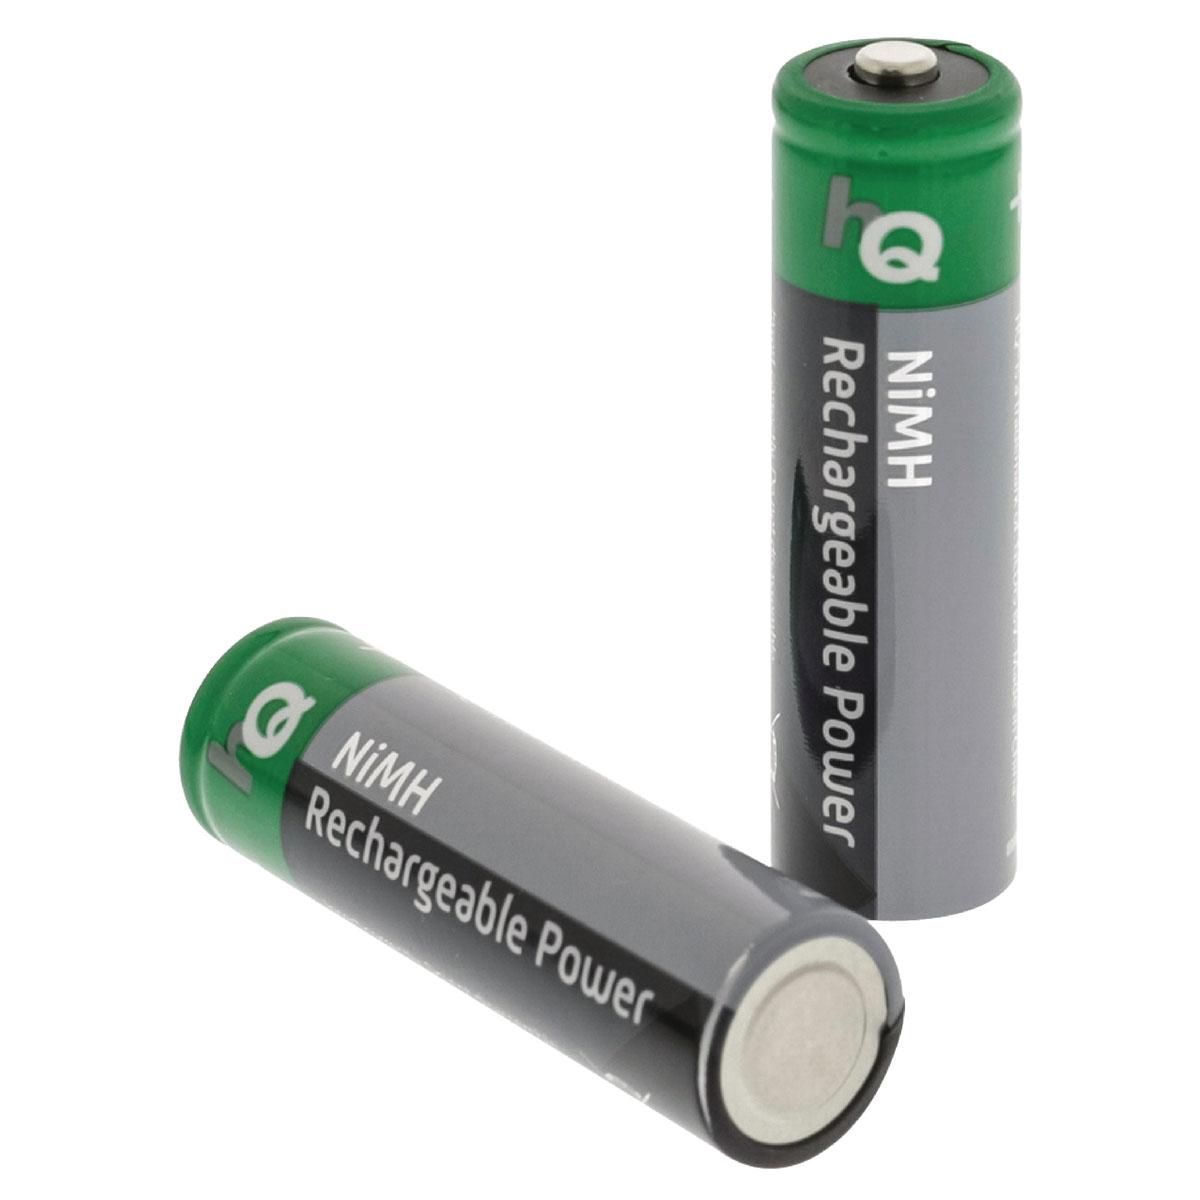 hq rechargeable power aa 2600 mah par 32 pile chargeur hq sur. Black Bedroom Furniture Sets. Home Design Ideas